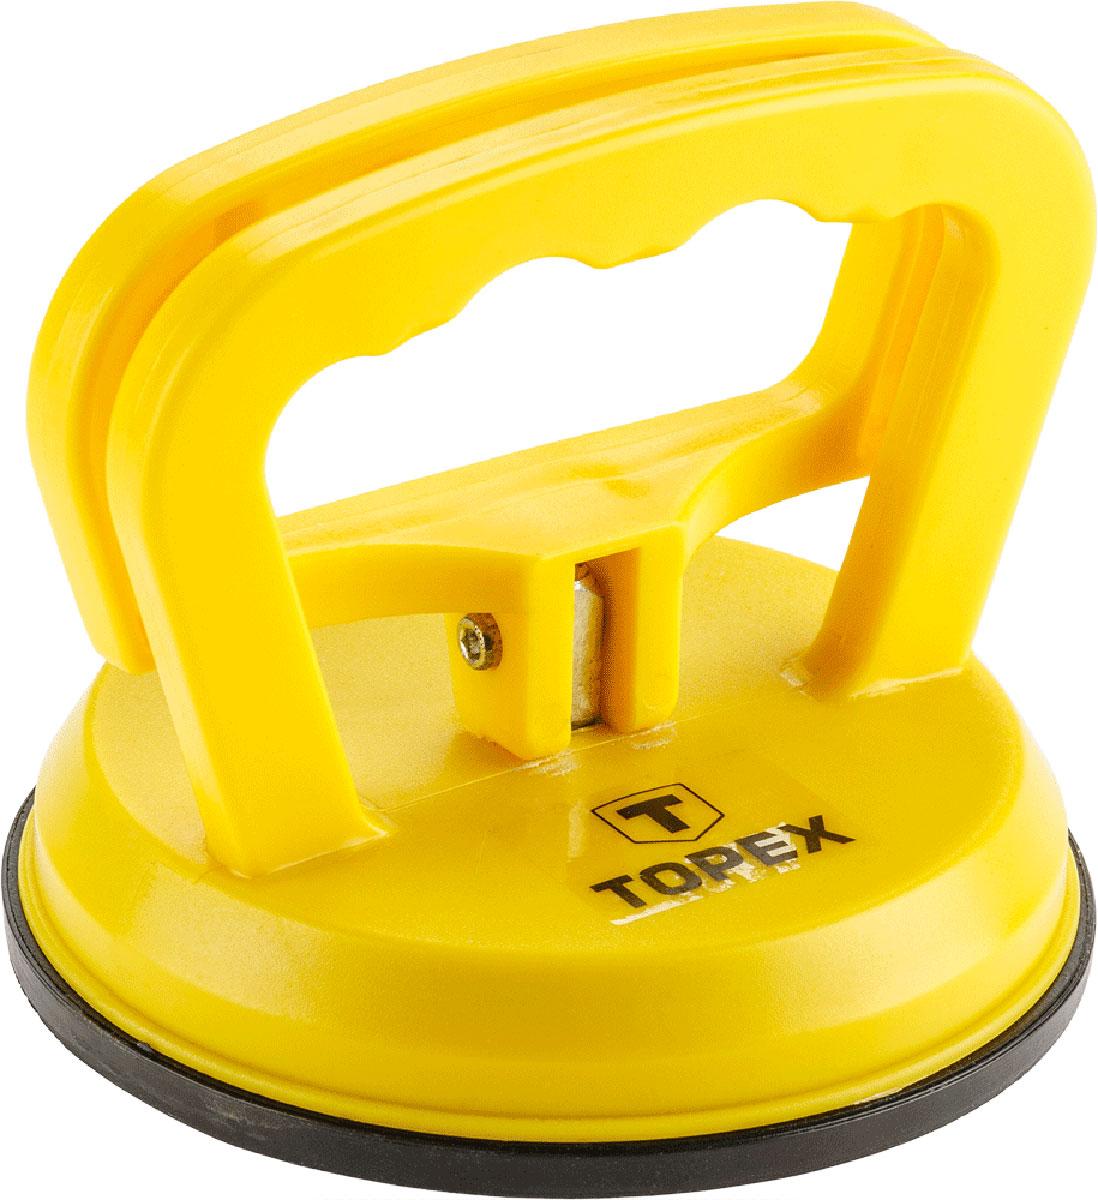 Стеклодомкрат Topex, одинарный, цвет: желтый, черный, до 40 кг14A740_желтыйСтеклодомкрат Topex предназначен для захвата, переноски и монтажа листового стекла, кафельной плитки и других листовых изделий с гладкой полированной поверхностью. Изделие выполнено из прочного пластика, подошва из резины. Захват происходит при помощи поднятия ручки.